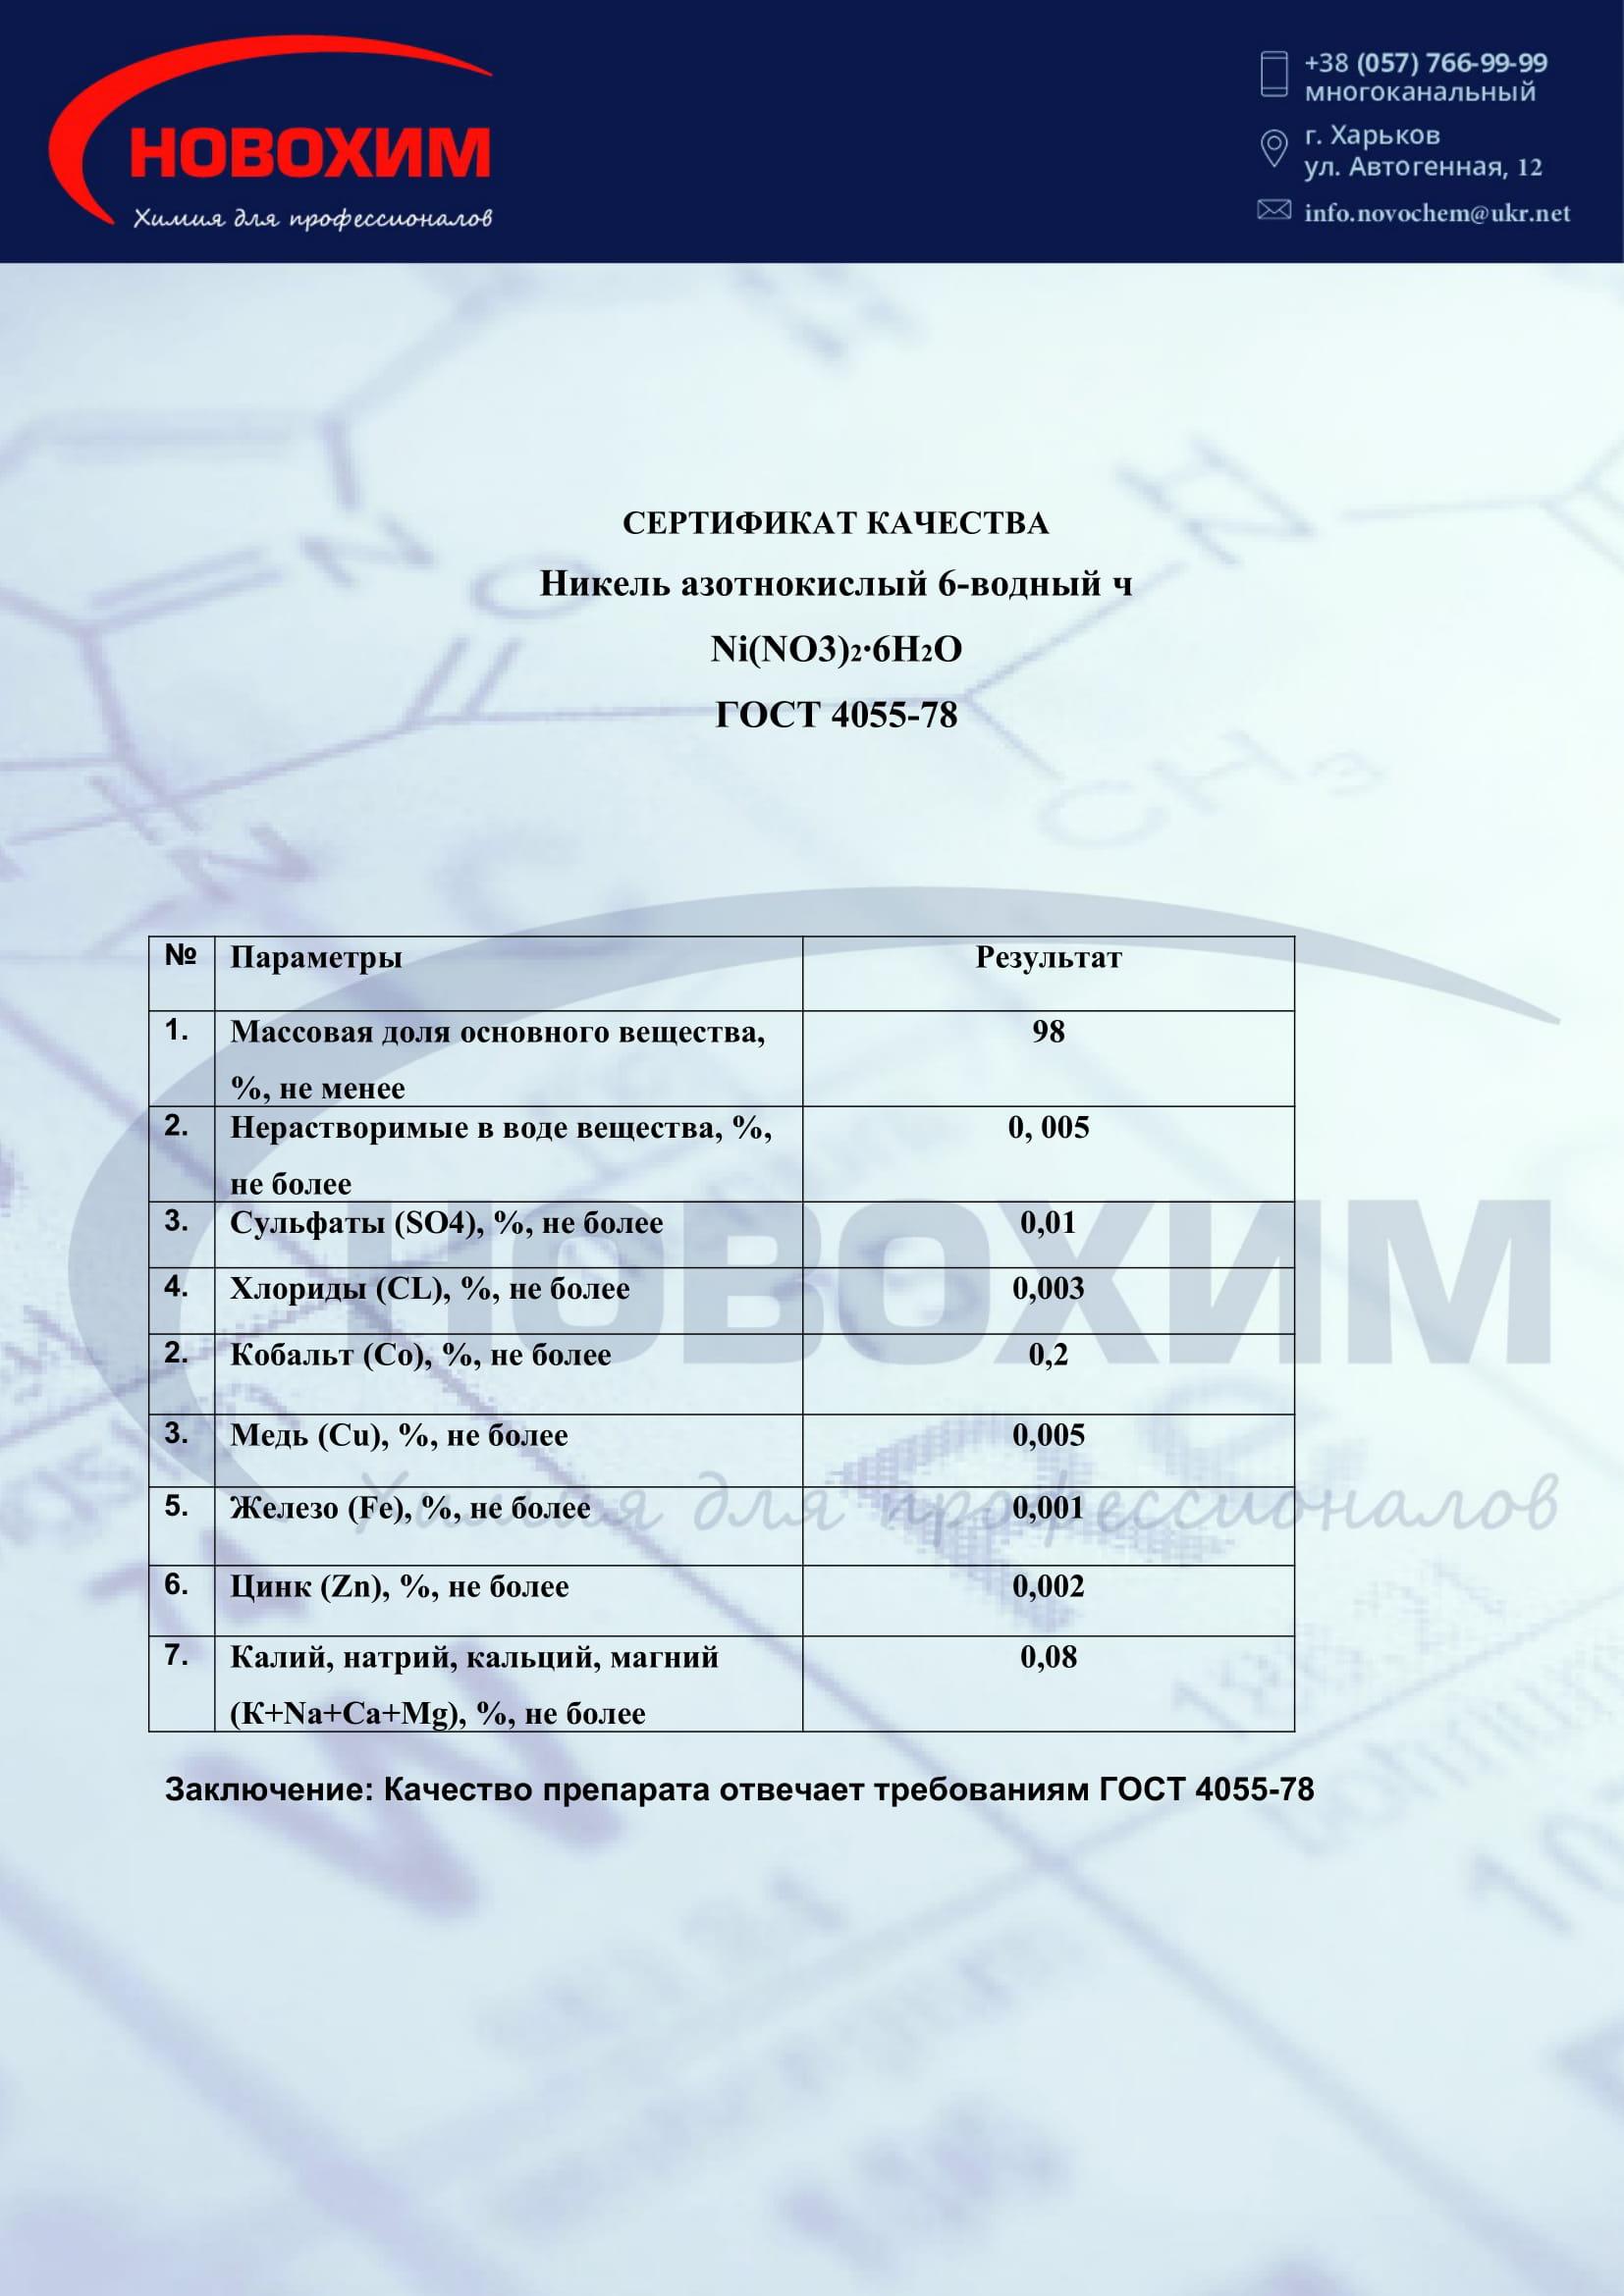 Фото сертификат никель азотнокислый